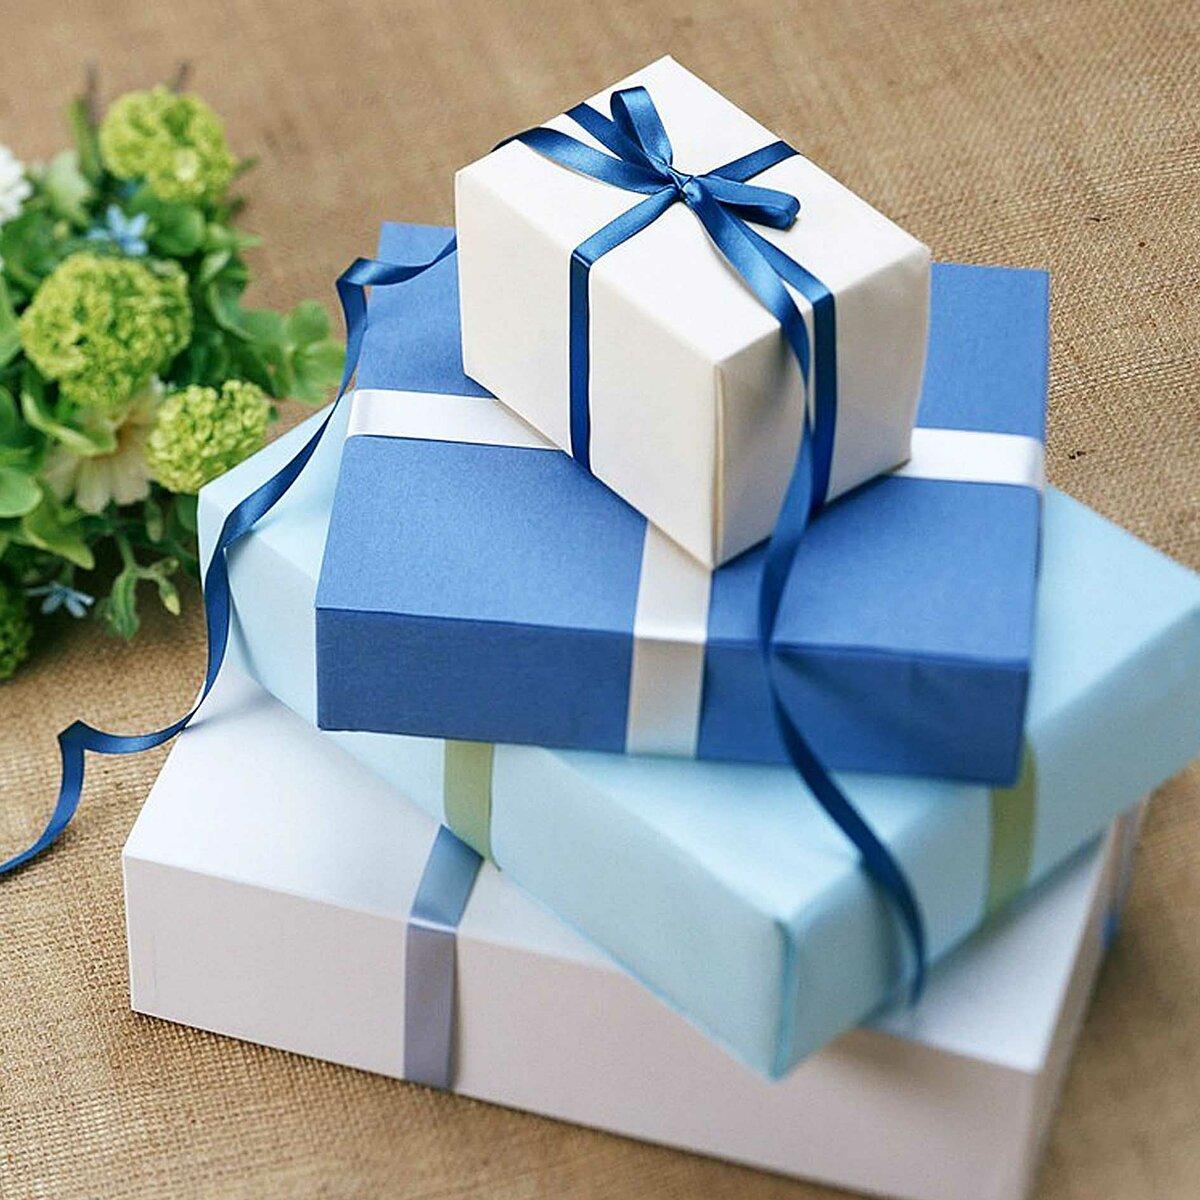 Работу картинки, подарочная коробка открытка